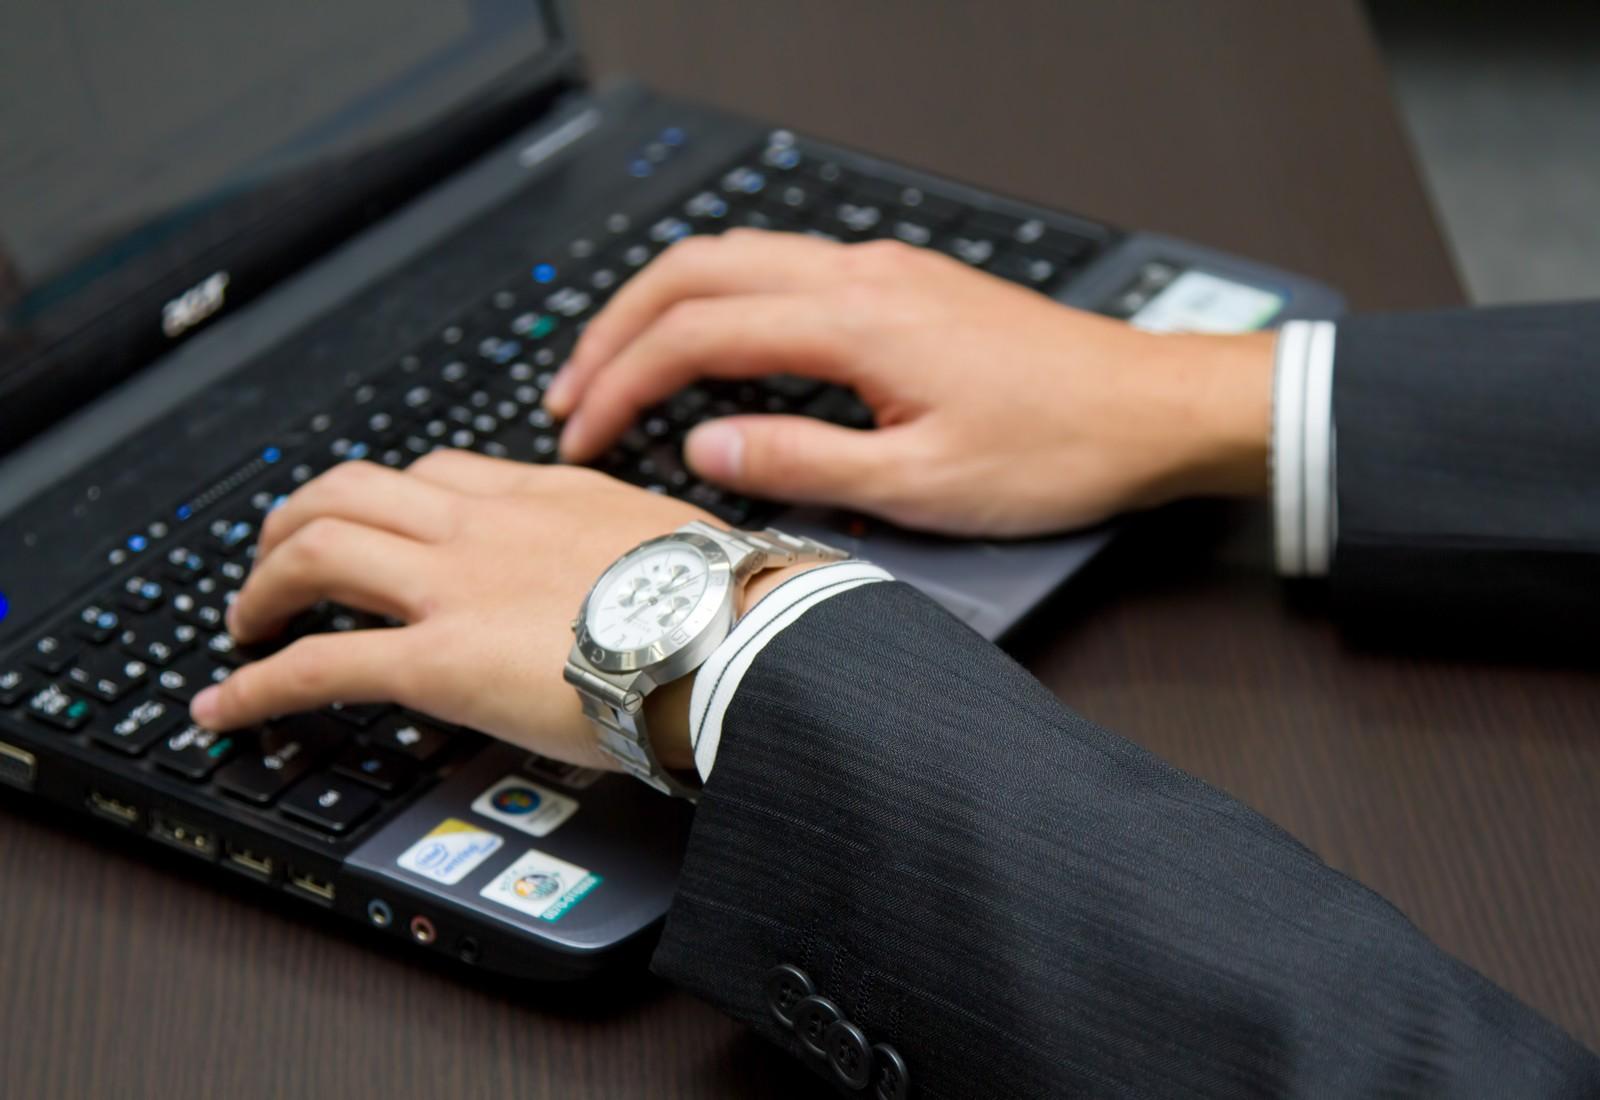 CTIシステムをテレアポで利用する場合の活用事例はエクセルで営業リストを作ること